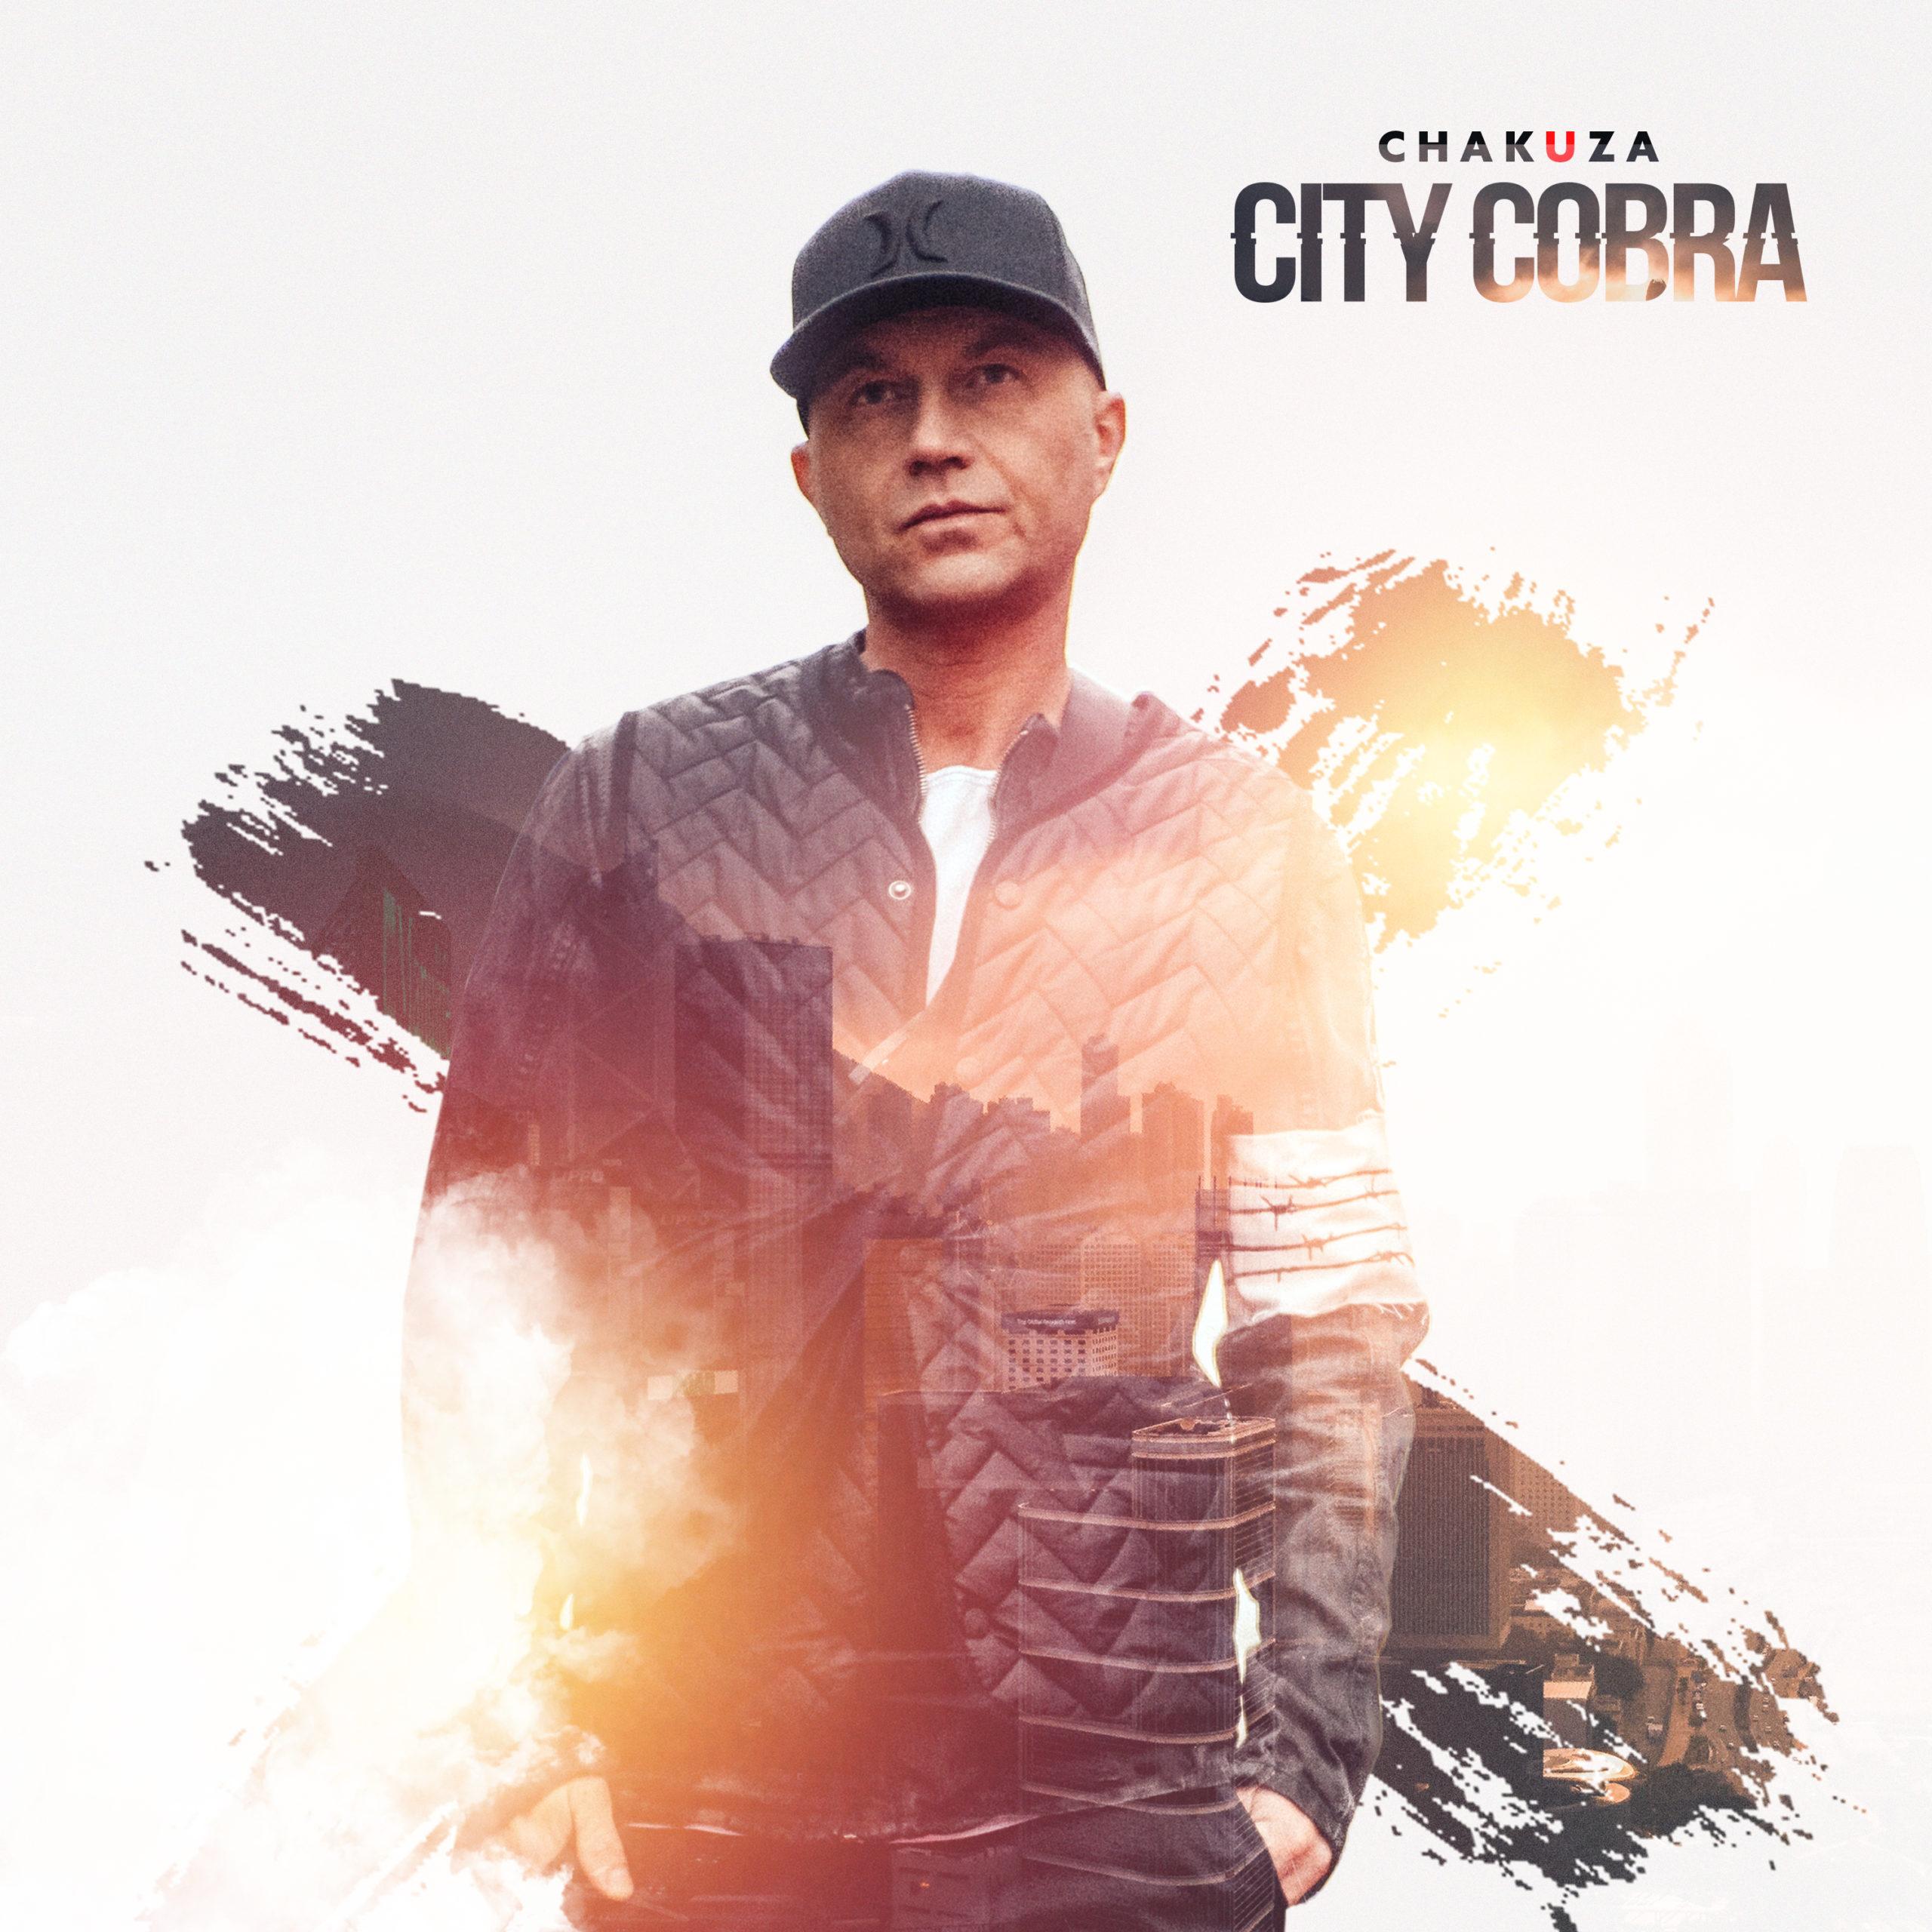 Chakuza City Cobra 2.0 Chartplatzierung #34